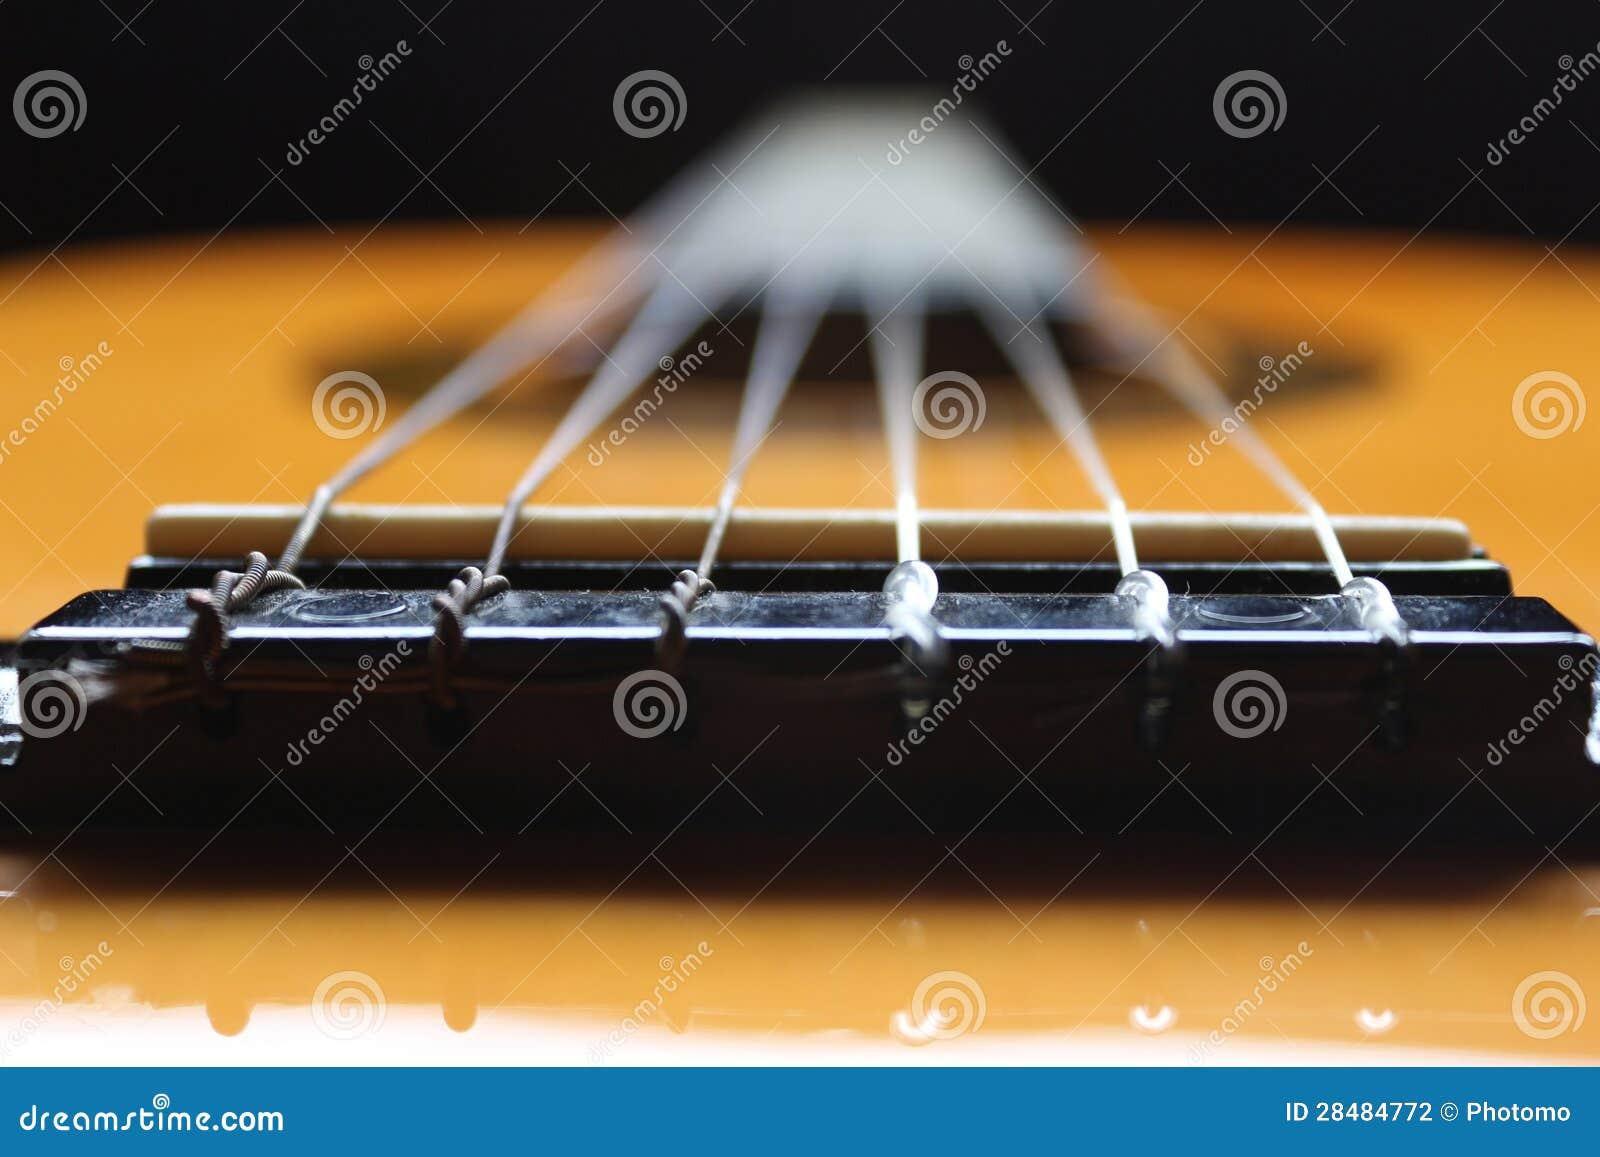 Sechs klassische Gitarre der Zeichenketten